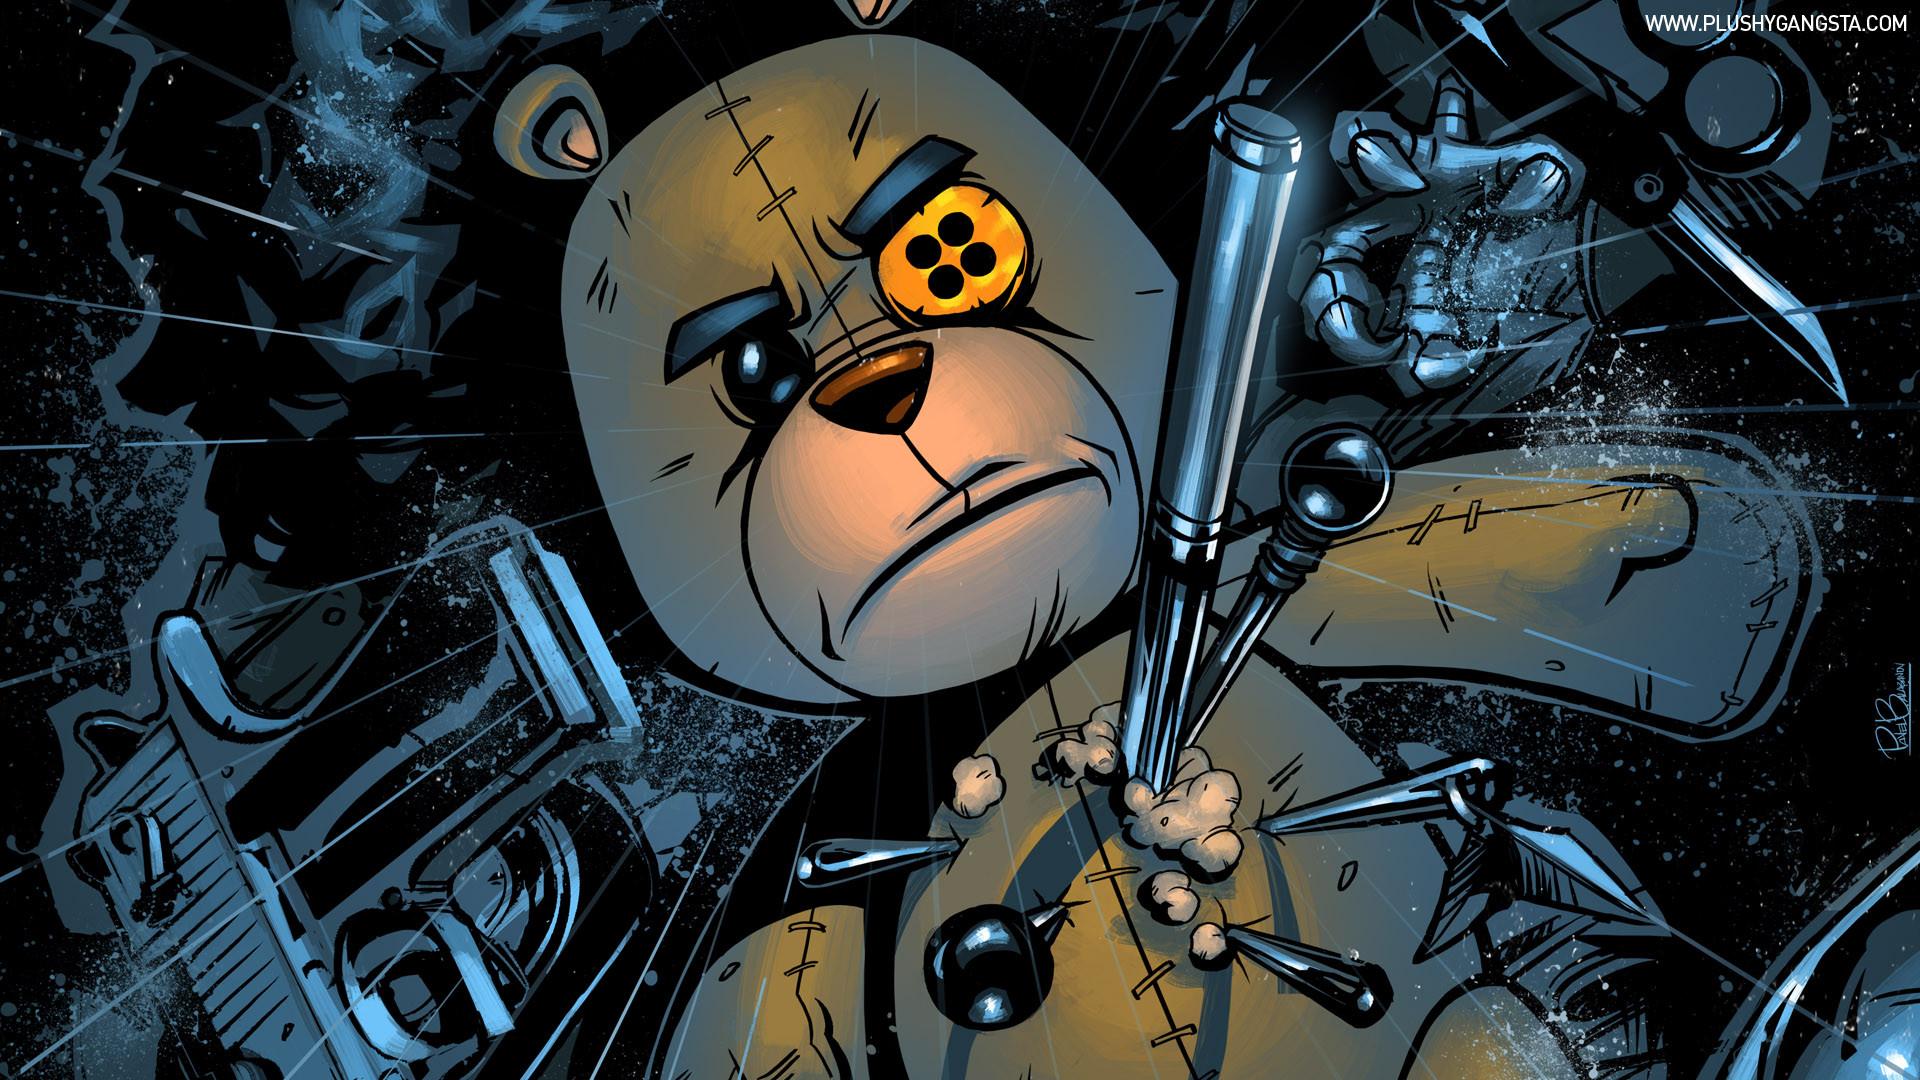 Res: 1920x1080, Gangster Cartoon Wallpapers Gangster Teddy Bear Pins Rain Hd Wallpaper    Anime   Wallpaper Better